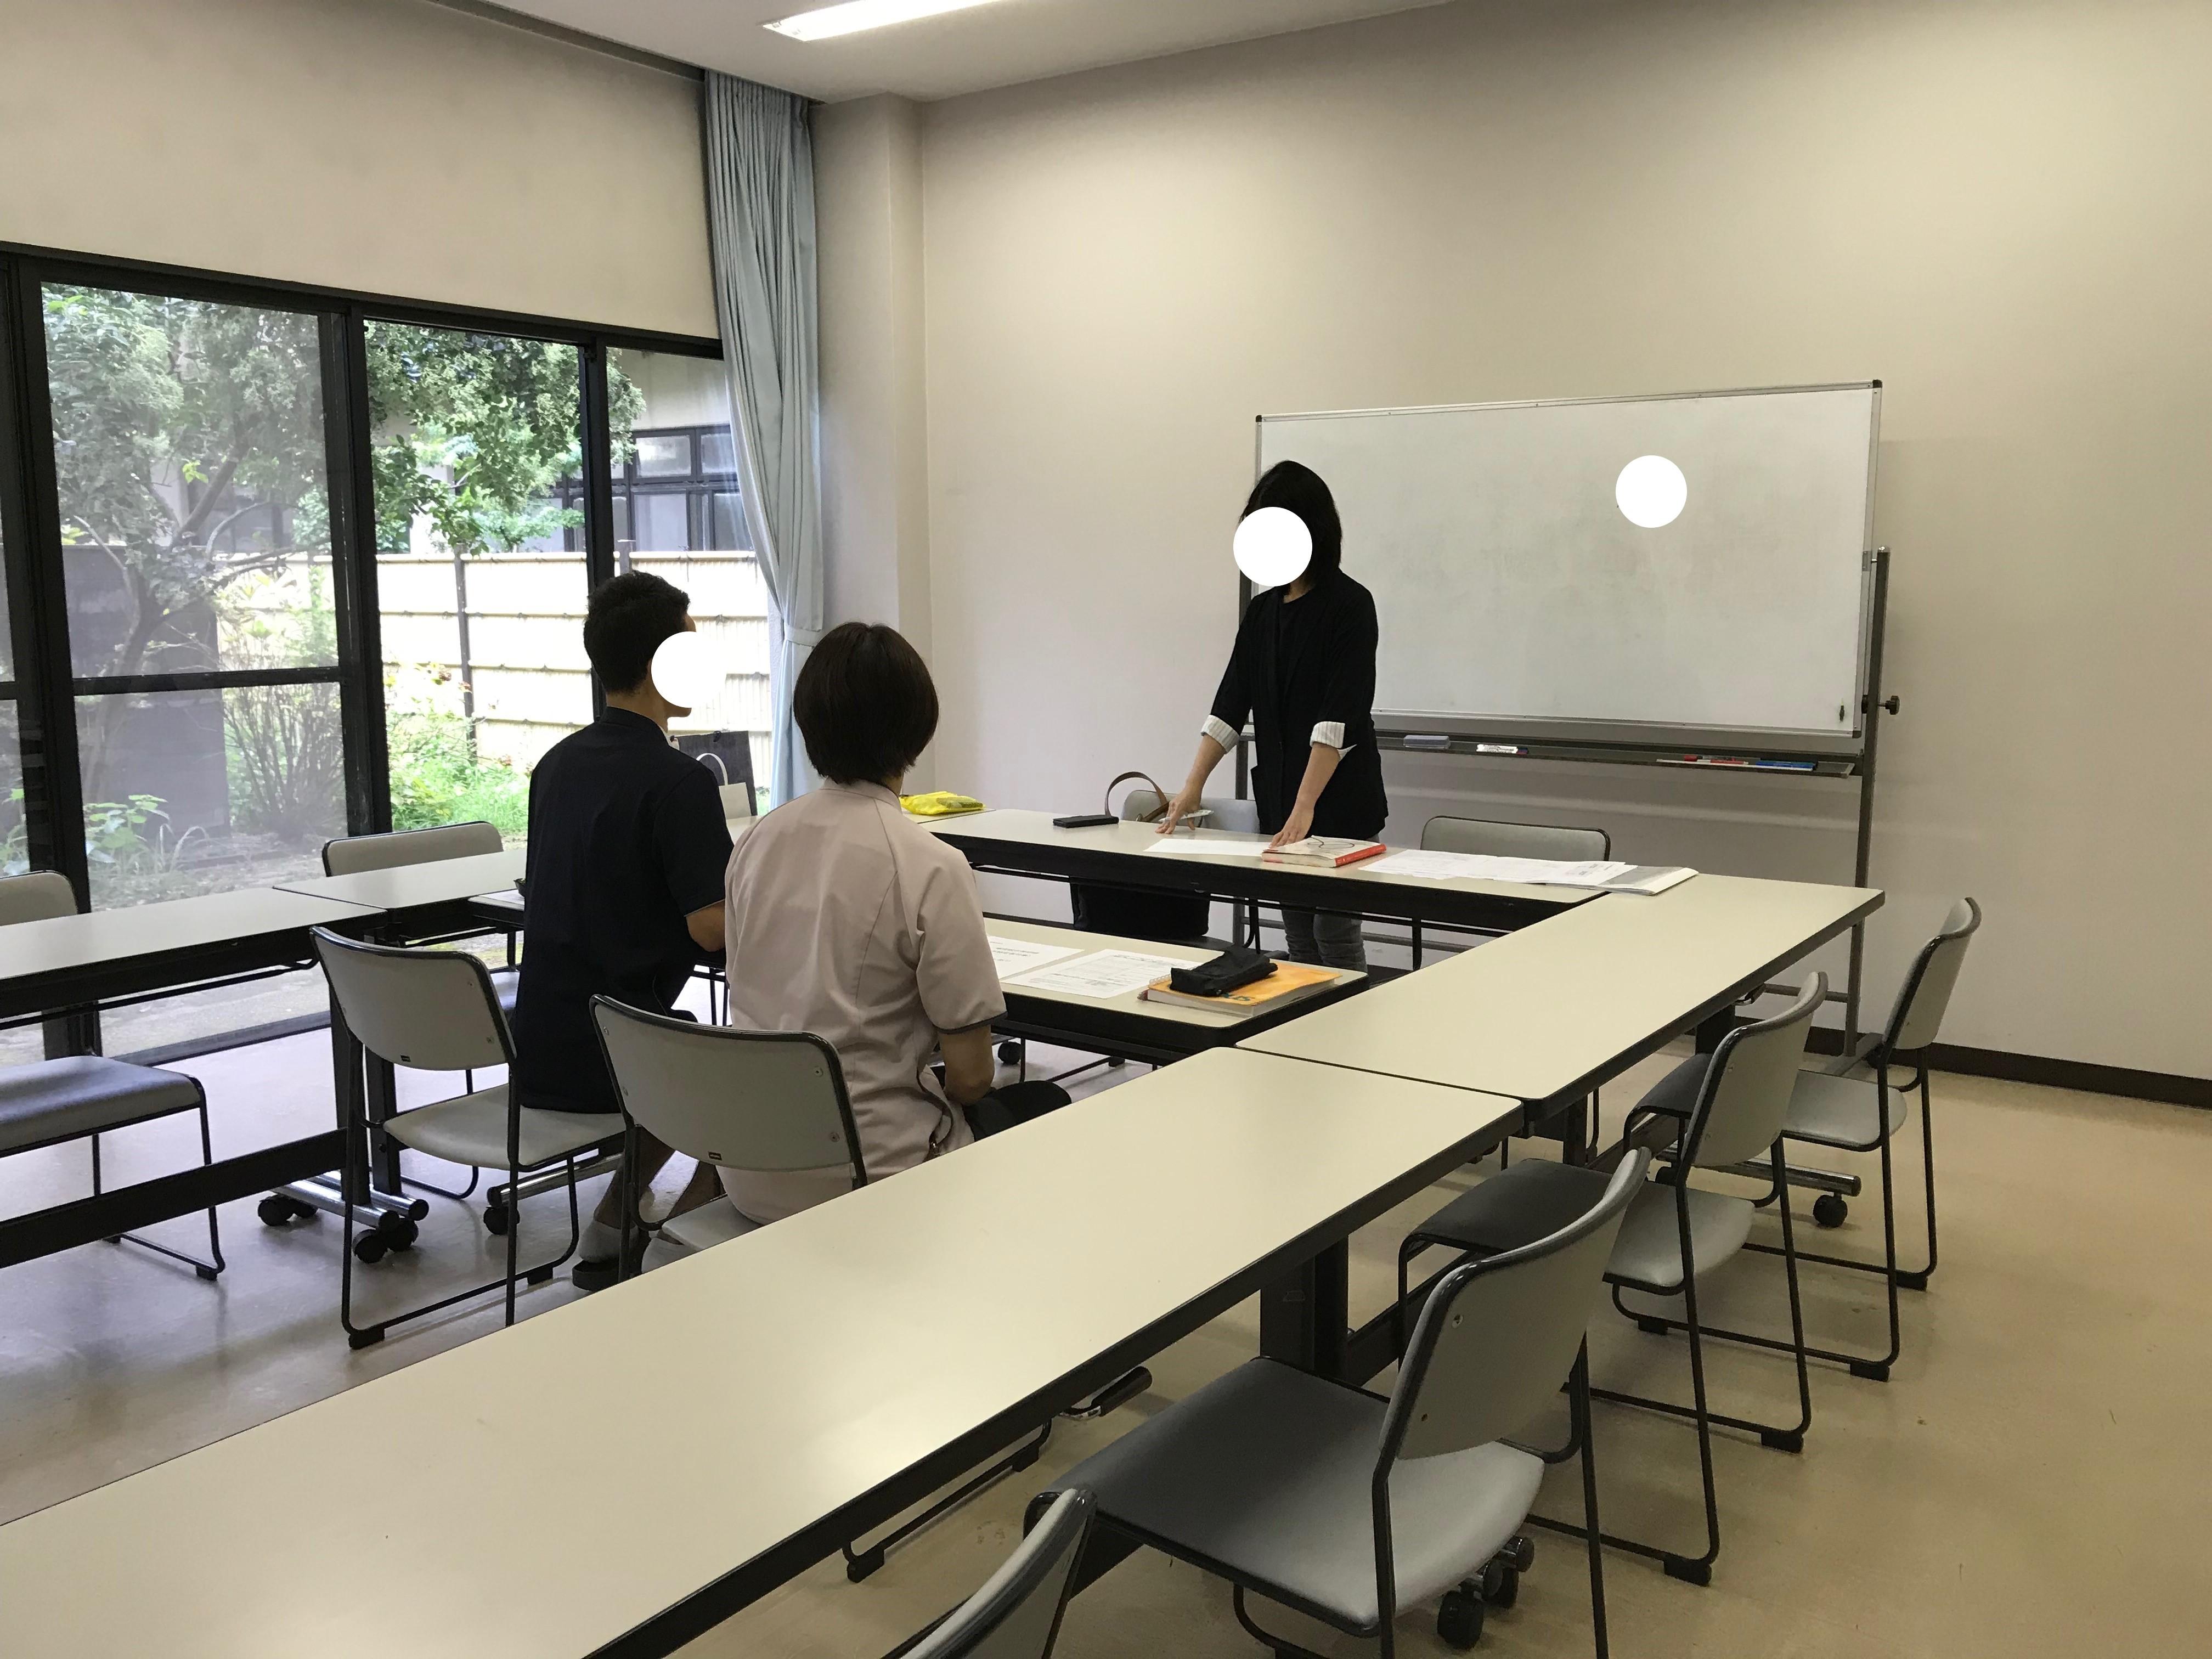 福岡県北九州市 特別養護老人ホーム様